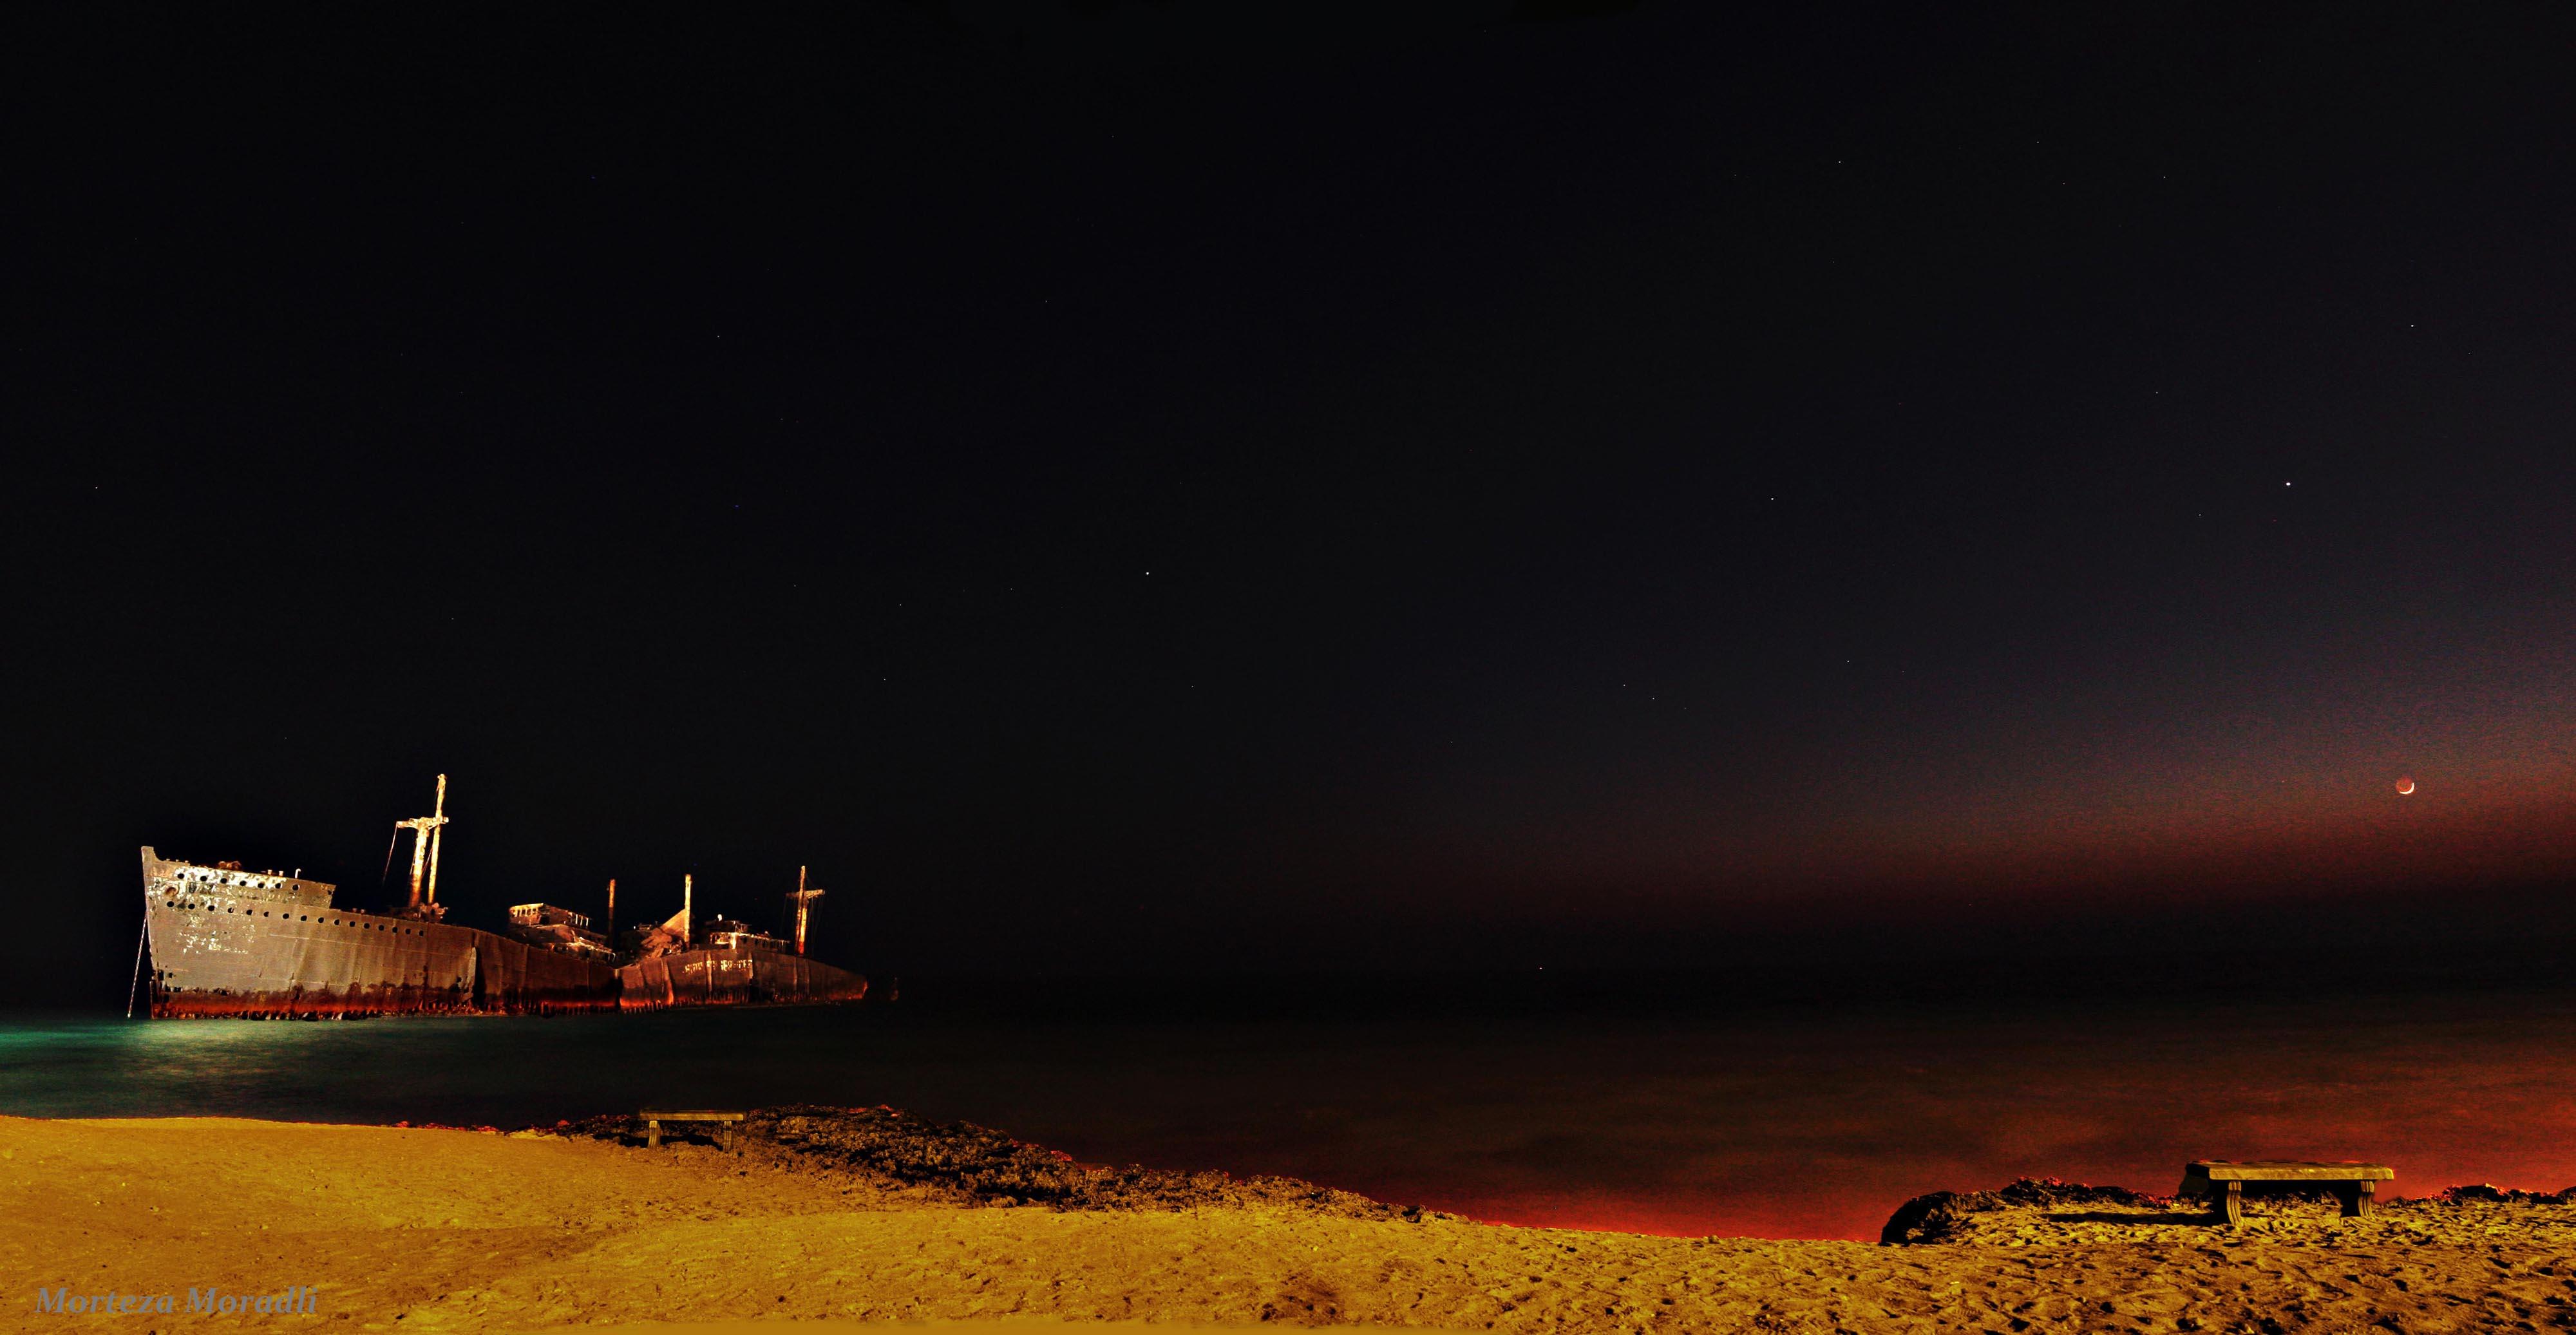 ثبت تصویر از فروب کشتی یونانی